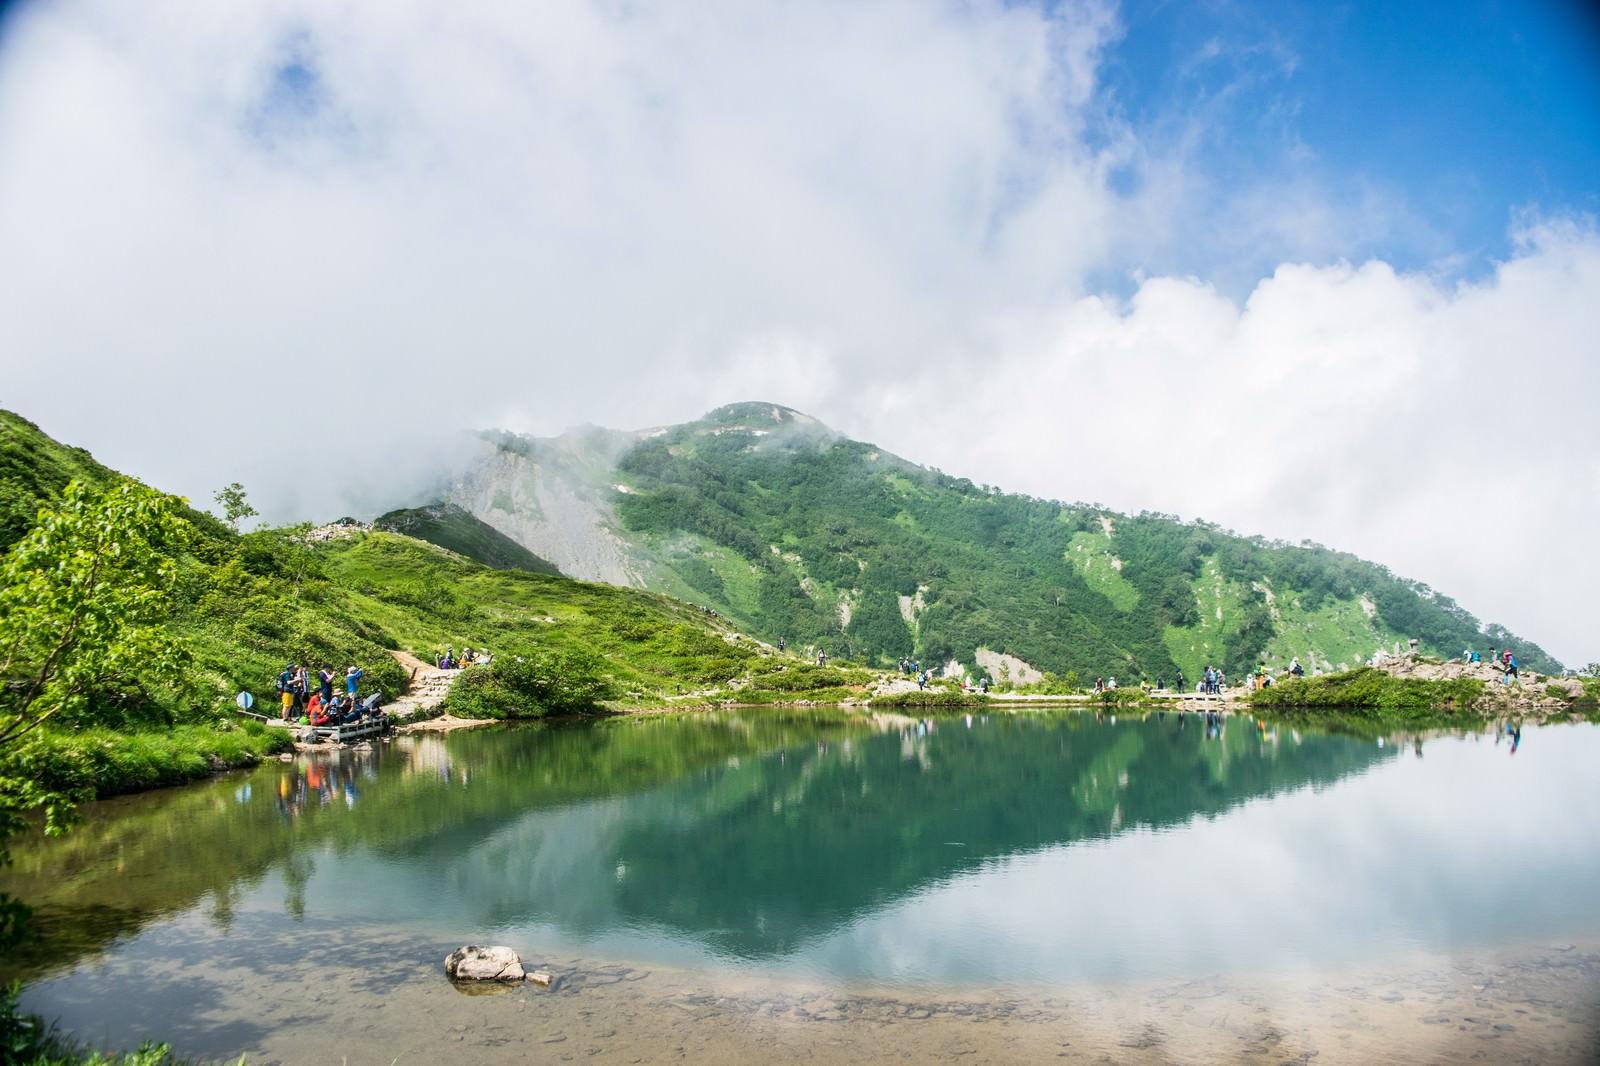 「湖の周りでカメラを構える登山者達」の写真